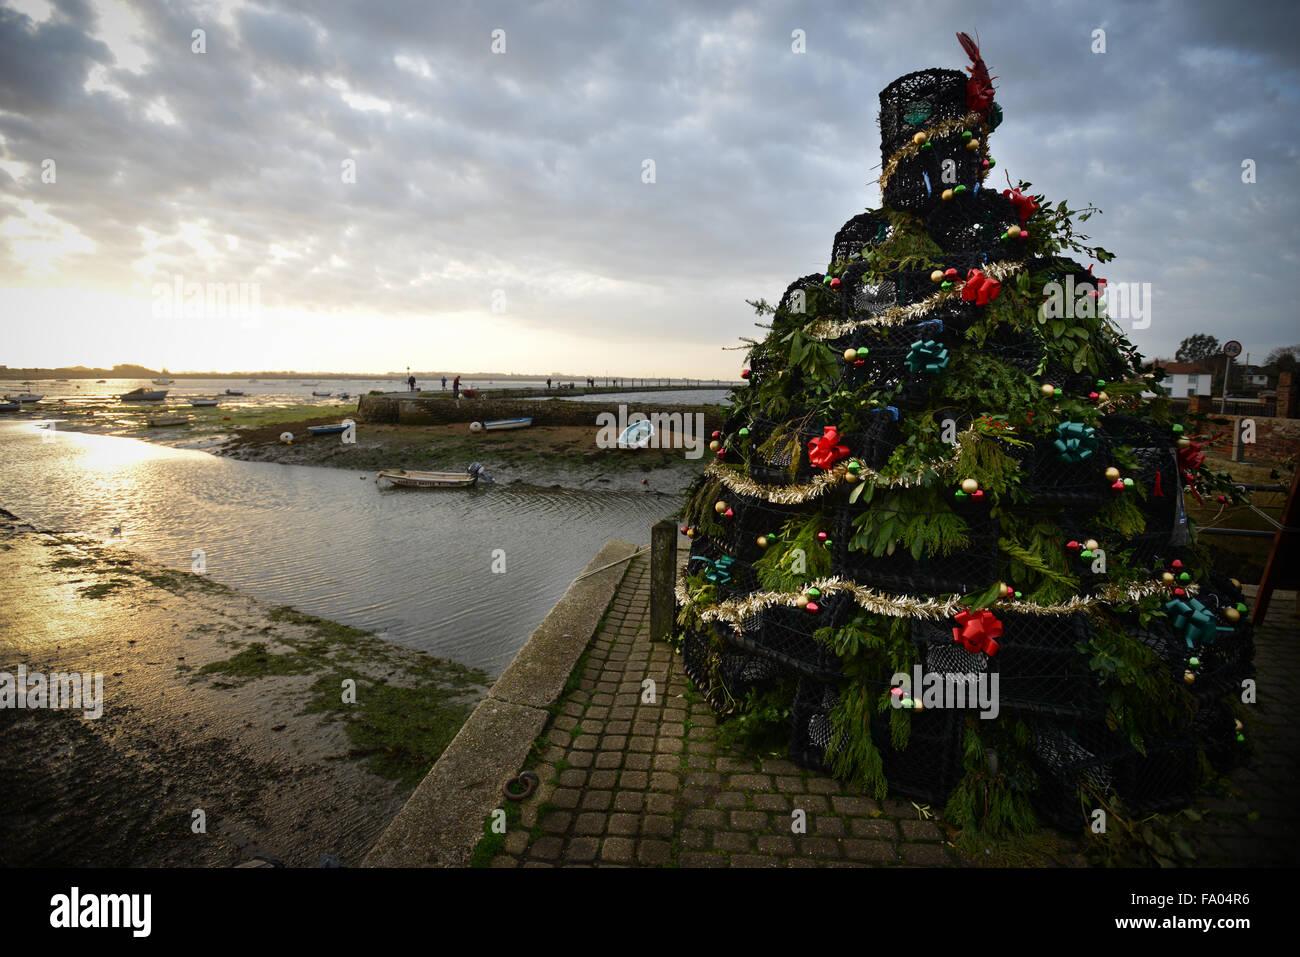 am kai in emsworth steht hampshire england einen weihnachtsbaum aus hummer topfe lokale unternehmen